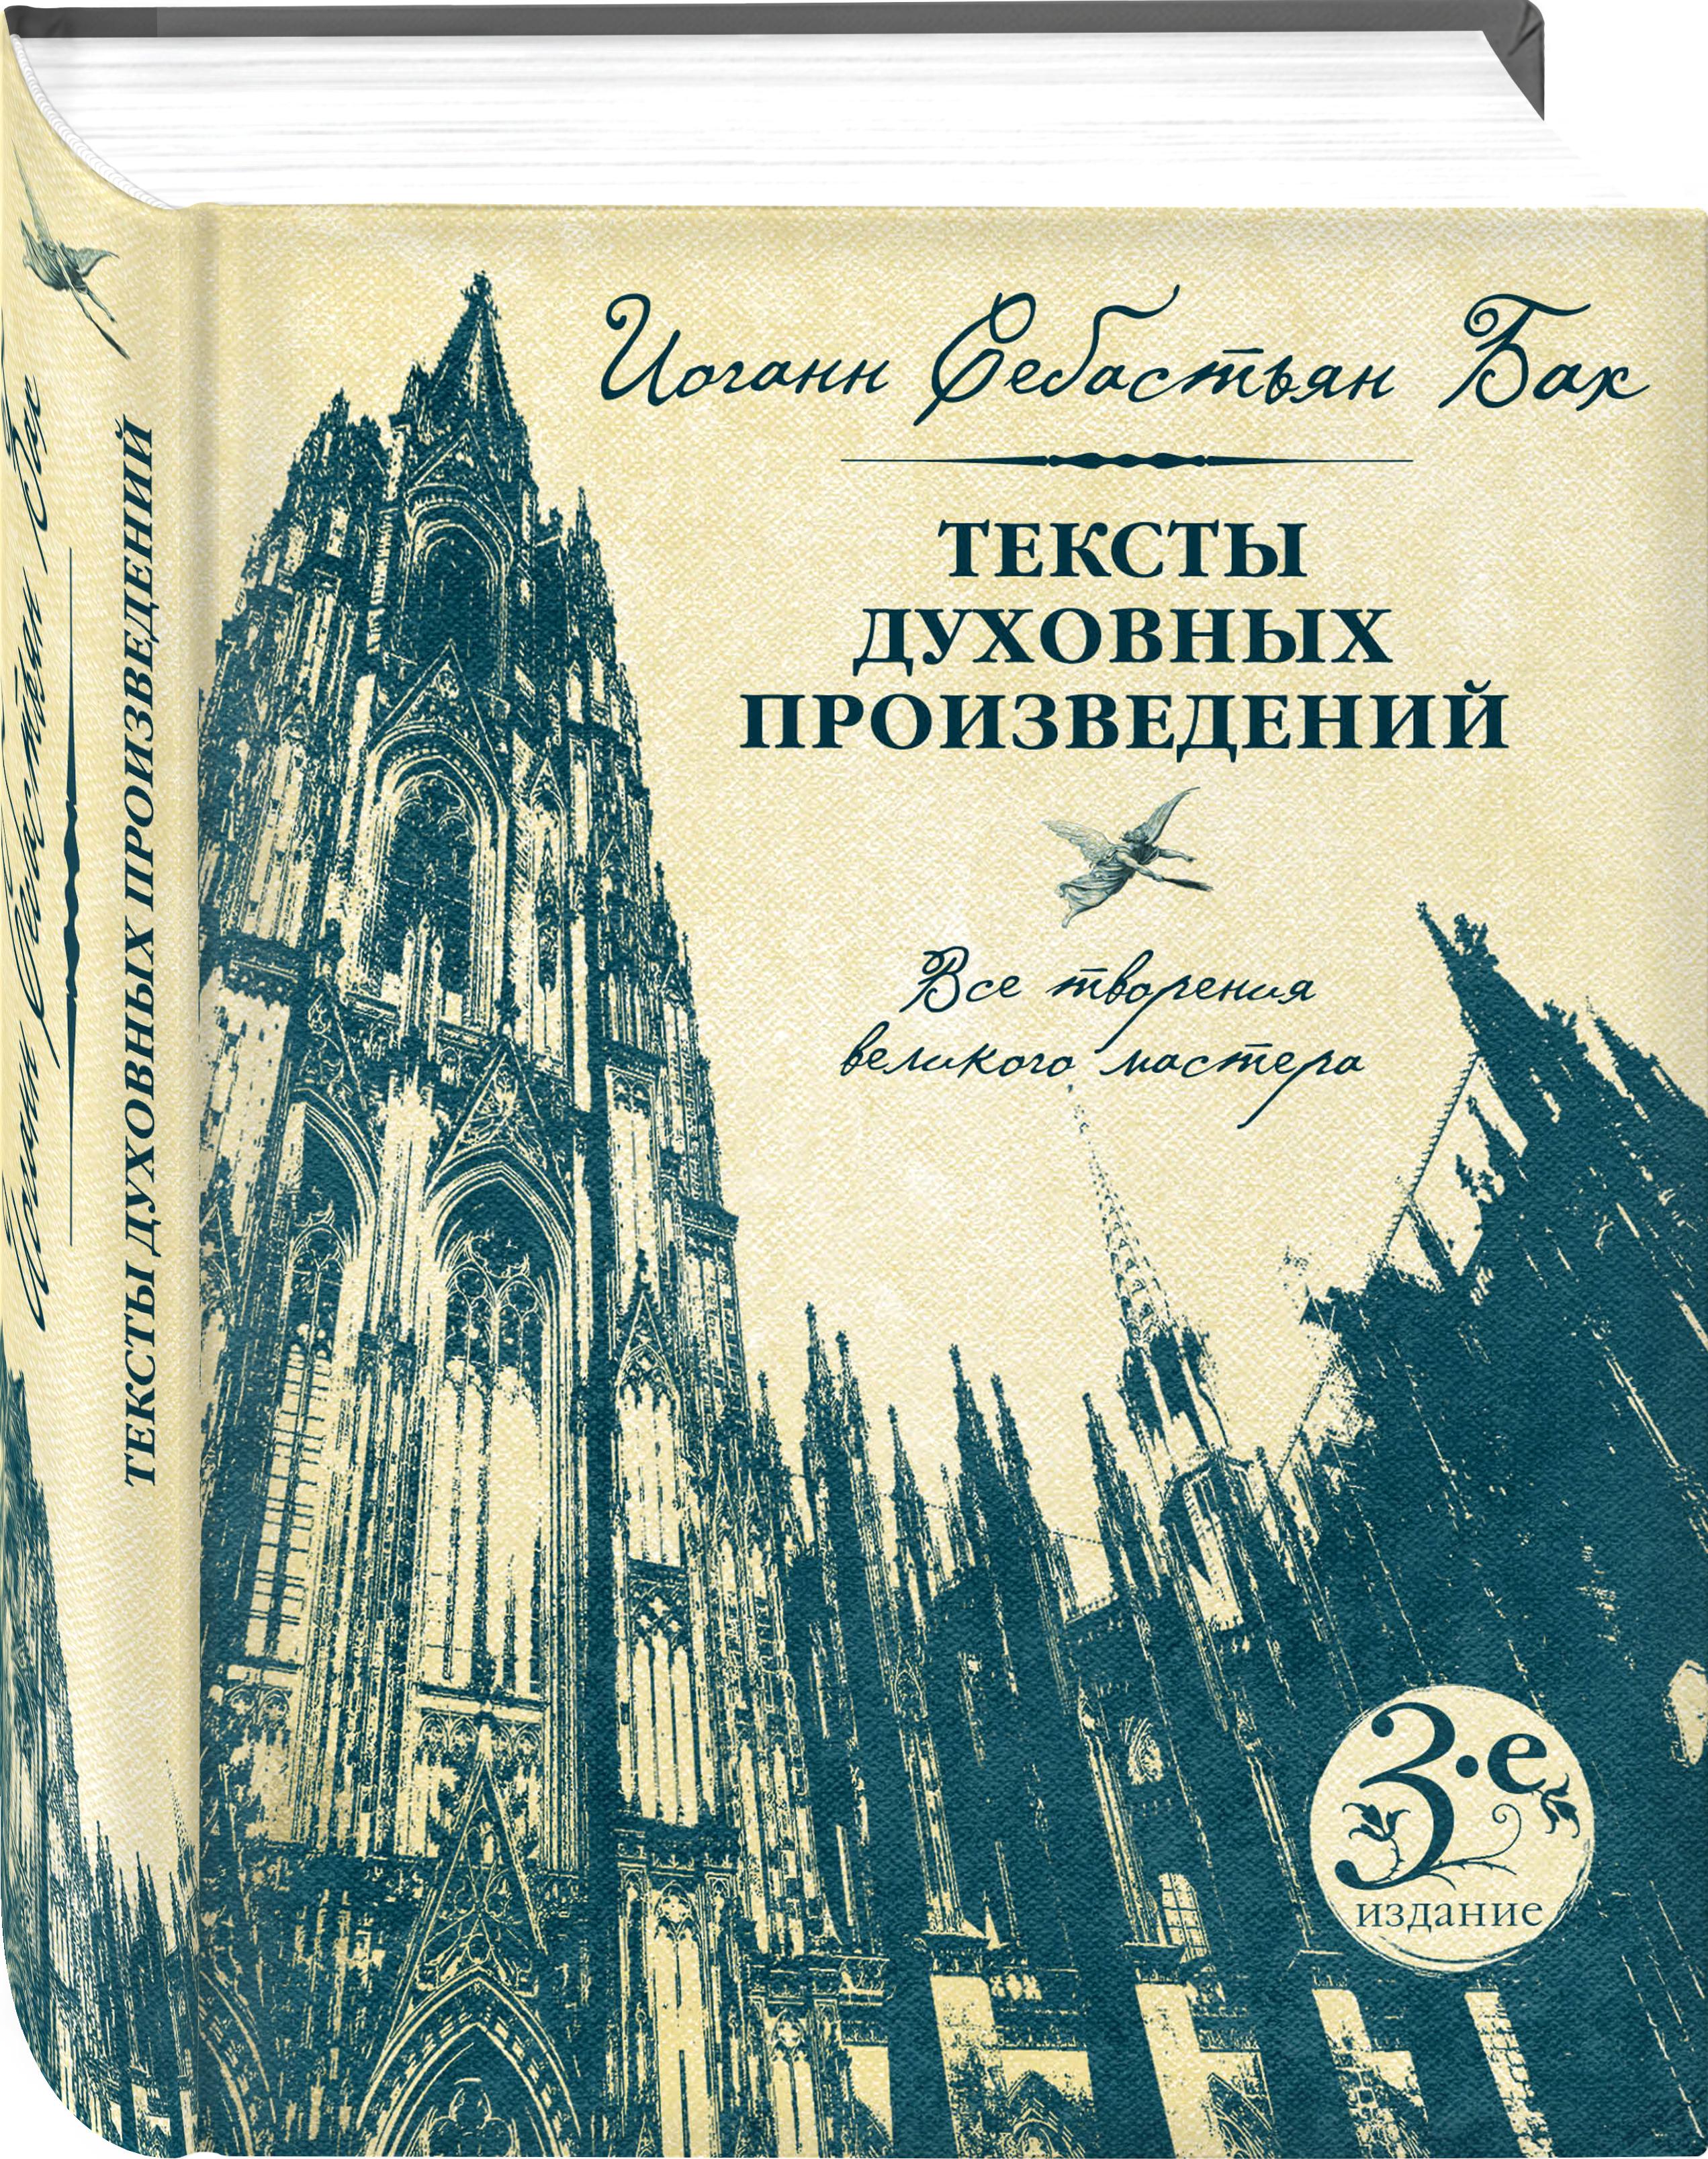 Иоганн Себастьян Бах. Тексты духовных произведений